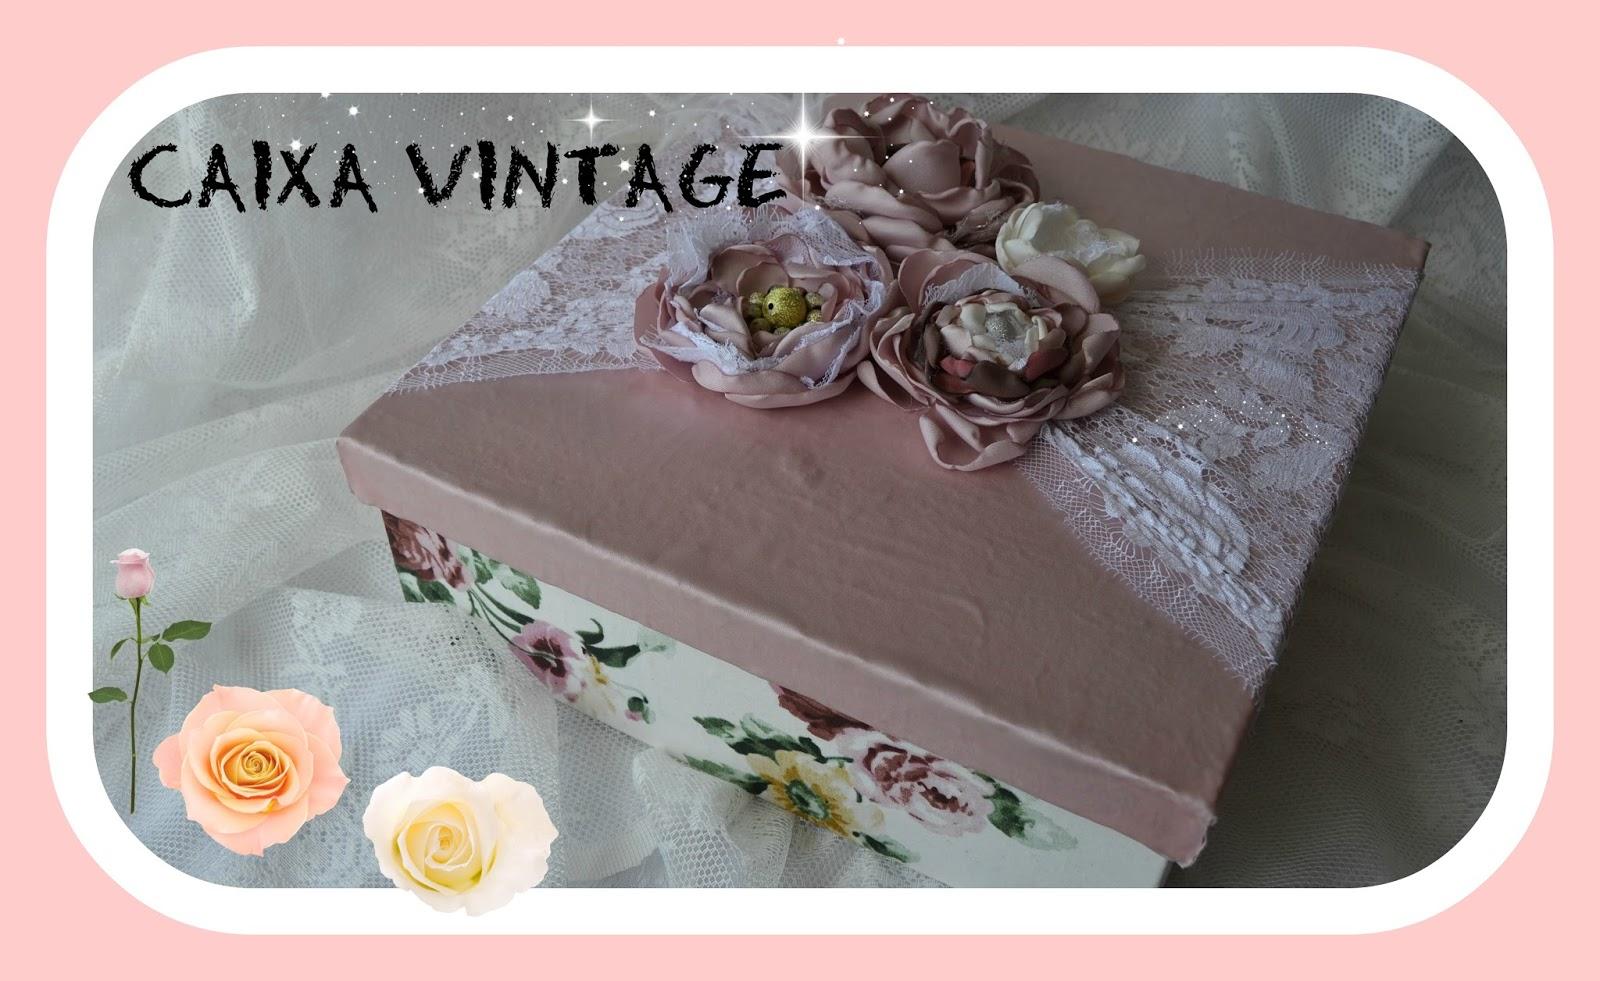 Aparador Barba Whal ~ I S Como fazer caixa vintage de mdf com tecidos e rendas